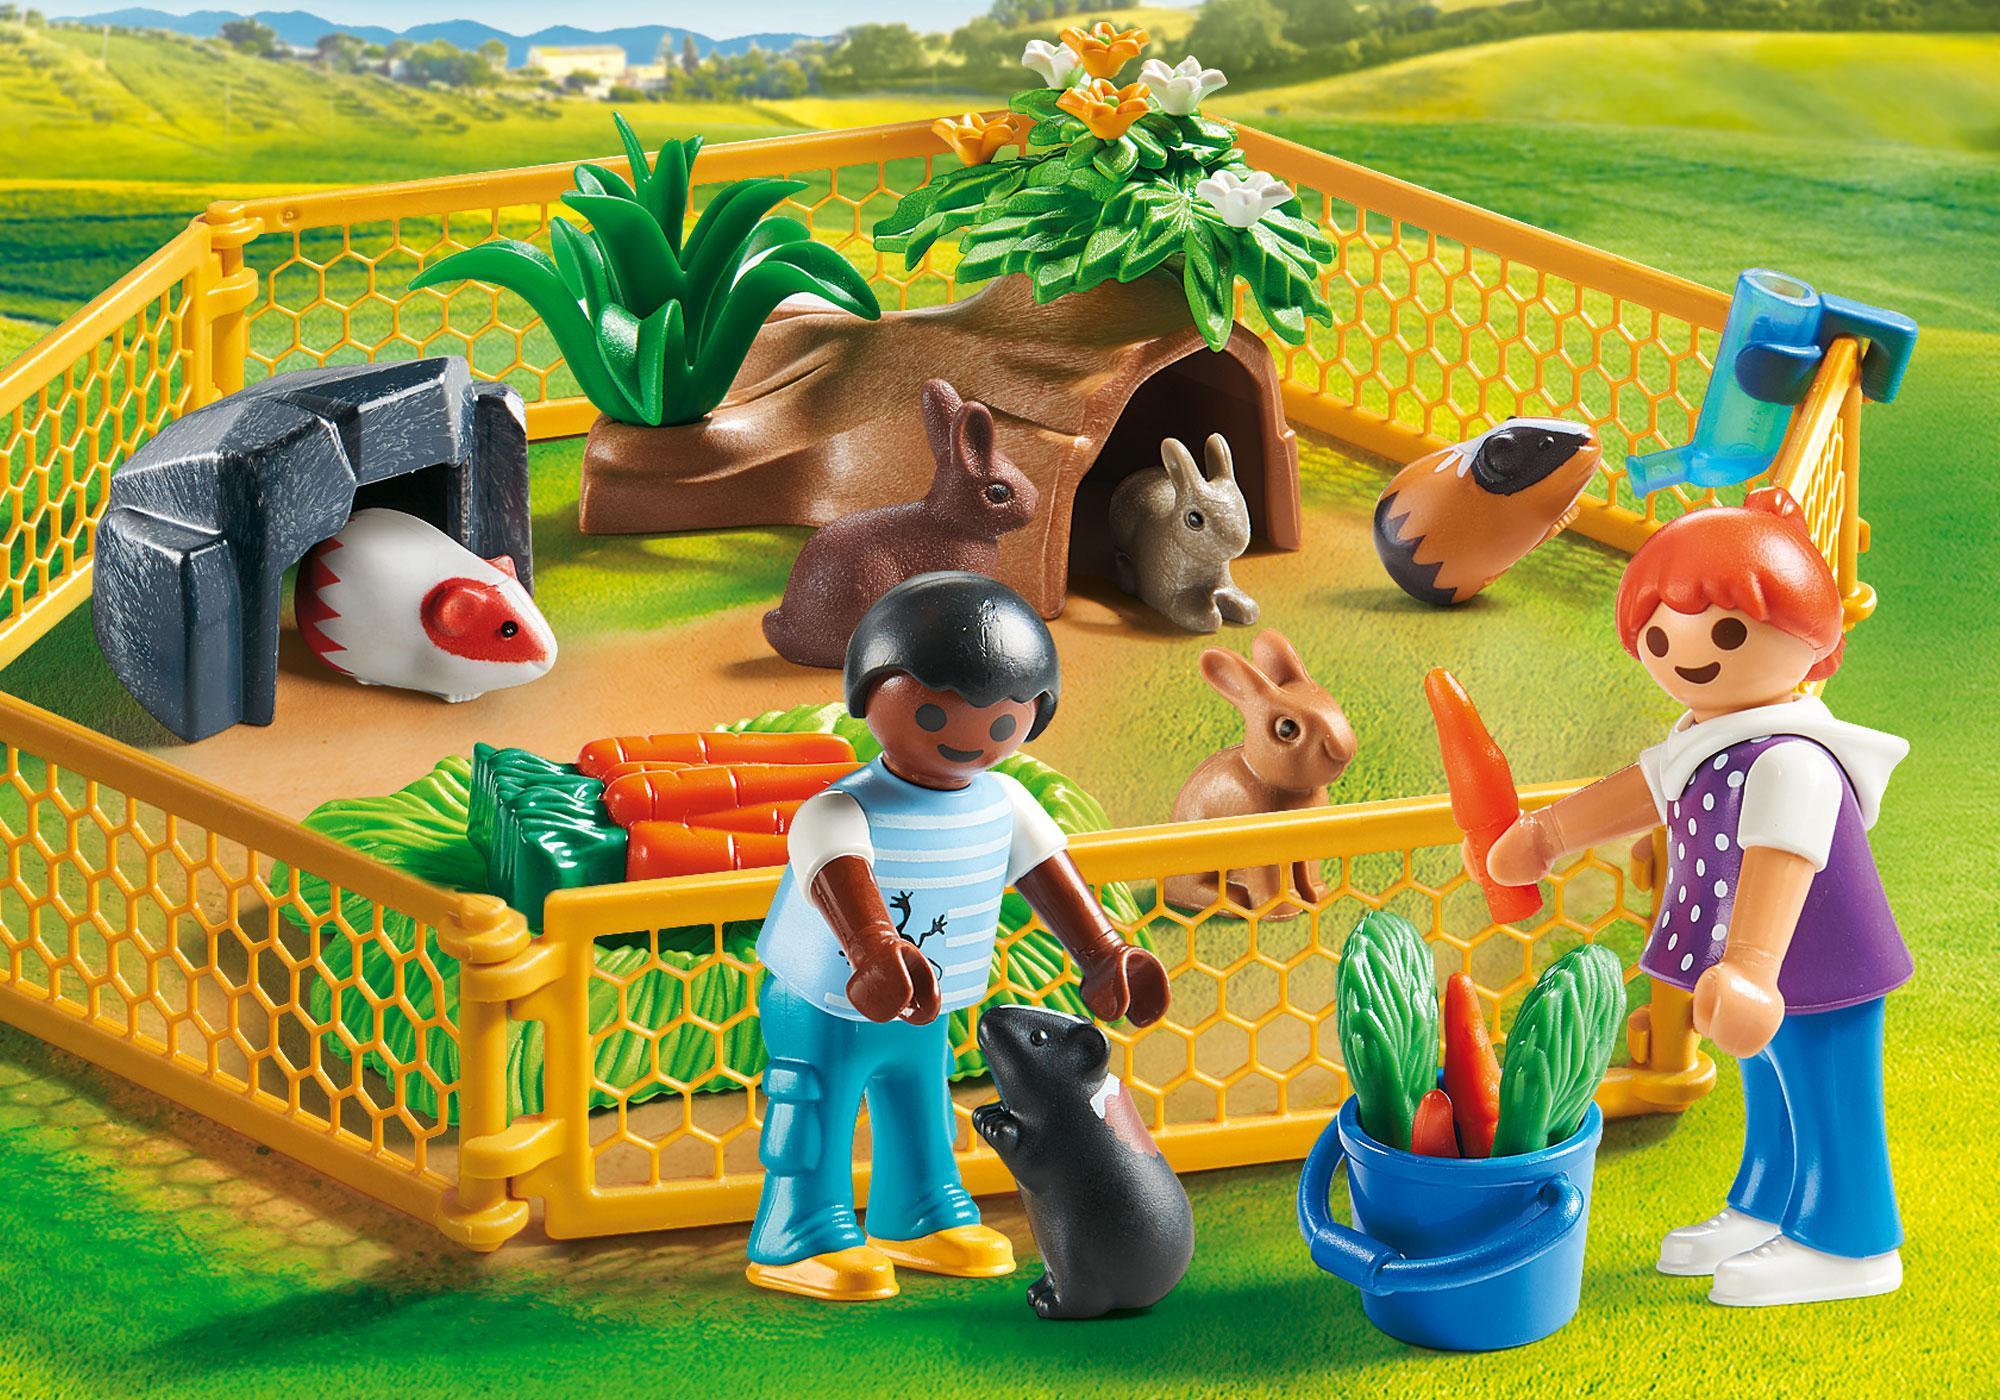 http://media.playmobil.com/i/playmobil/70137_product_detail/Inhägnad för bondgårdsdjur